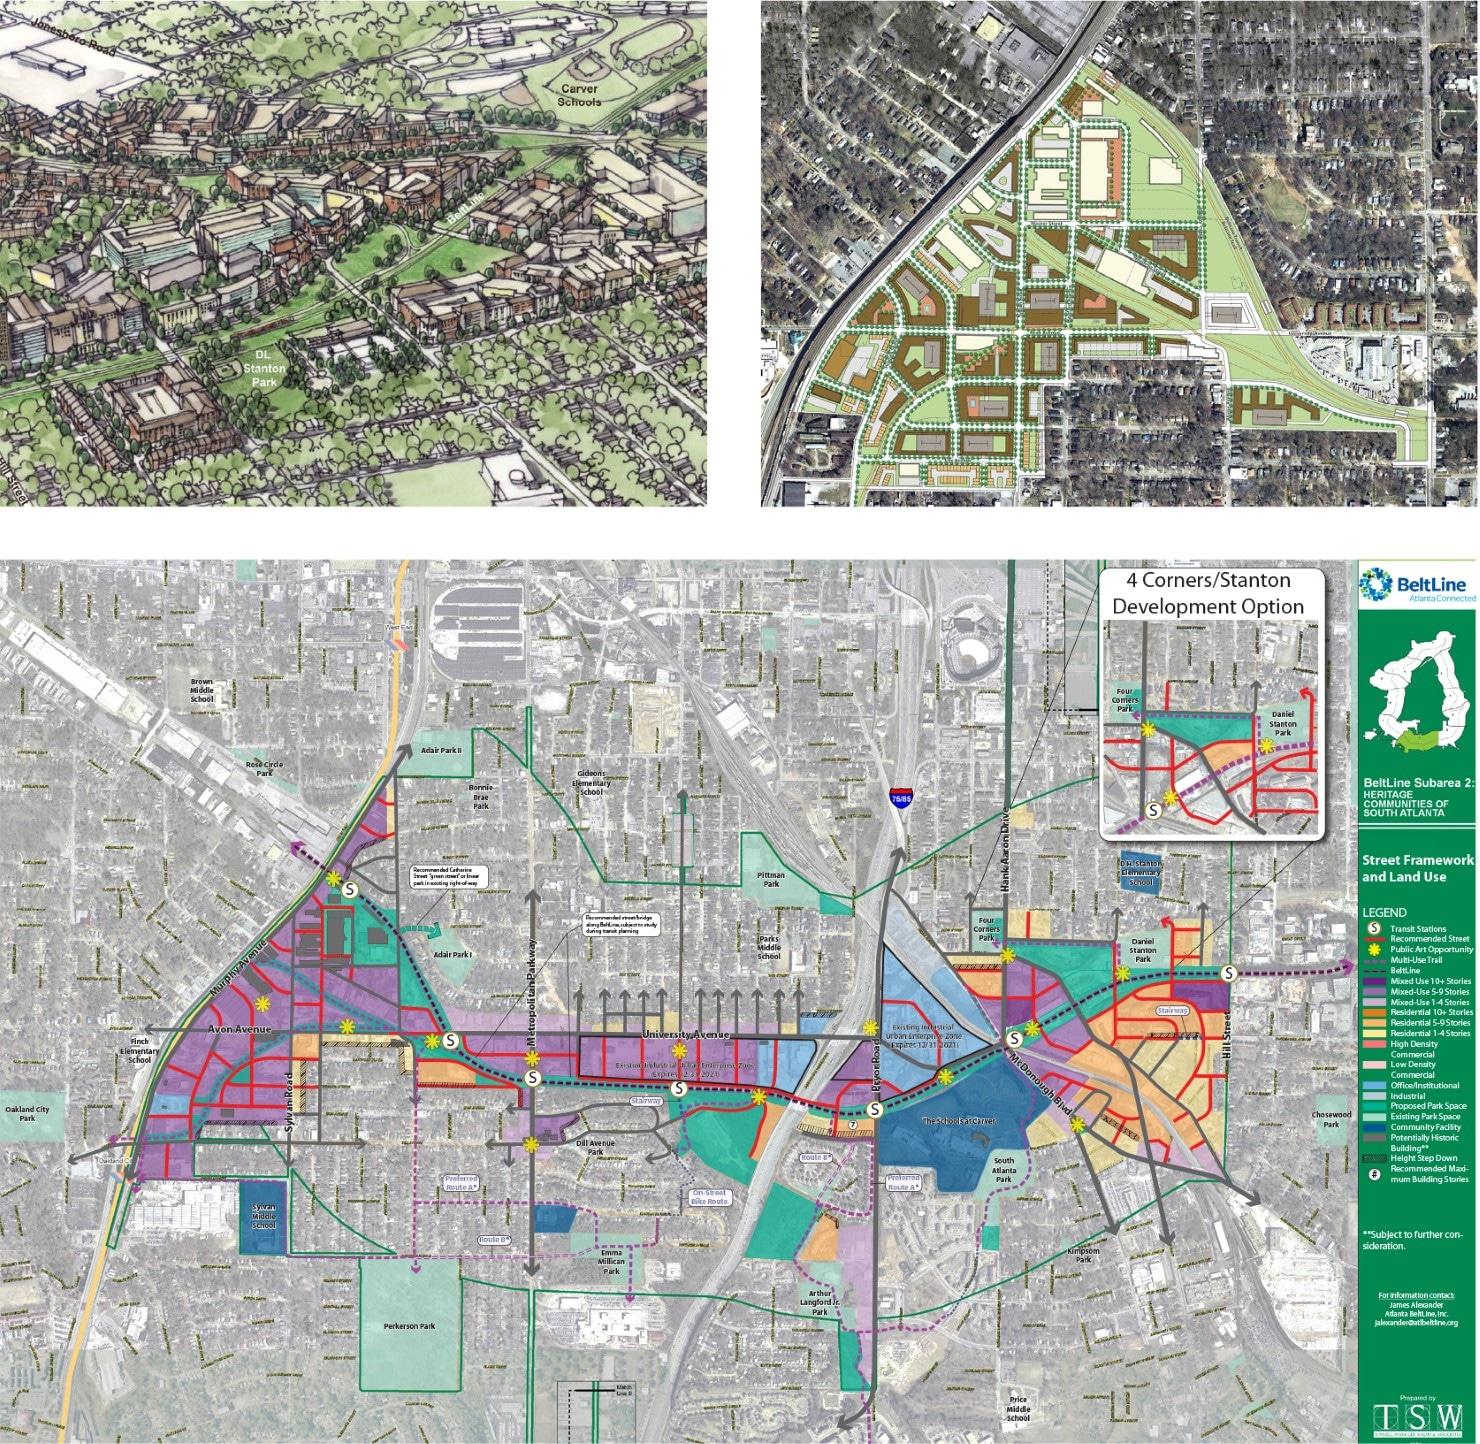 Atlanta Beltline Master Plan Subarea 2